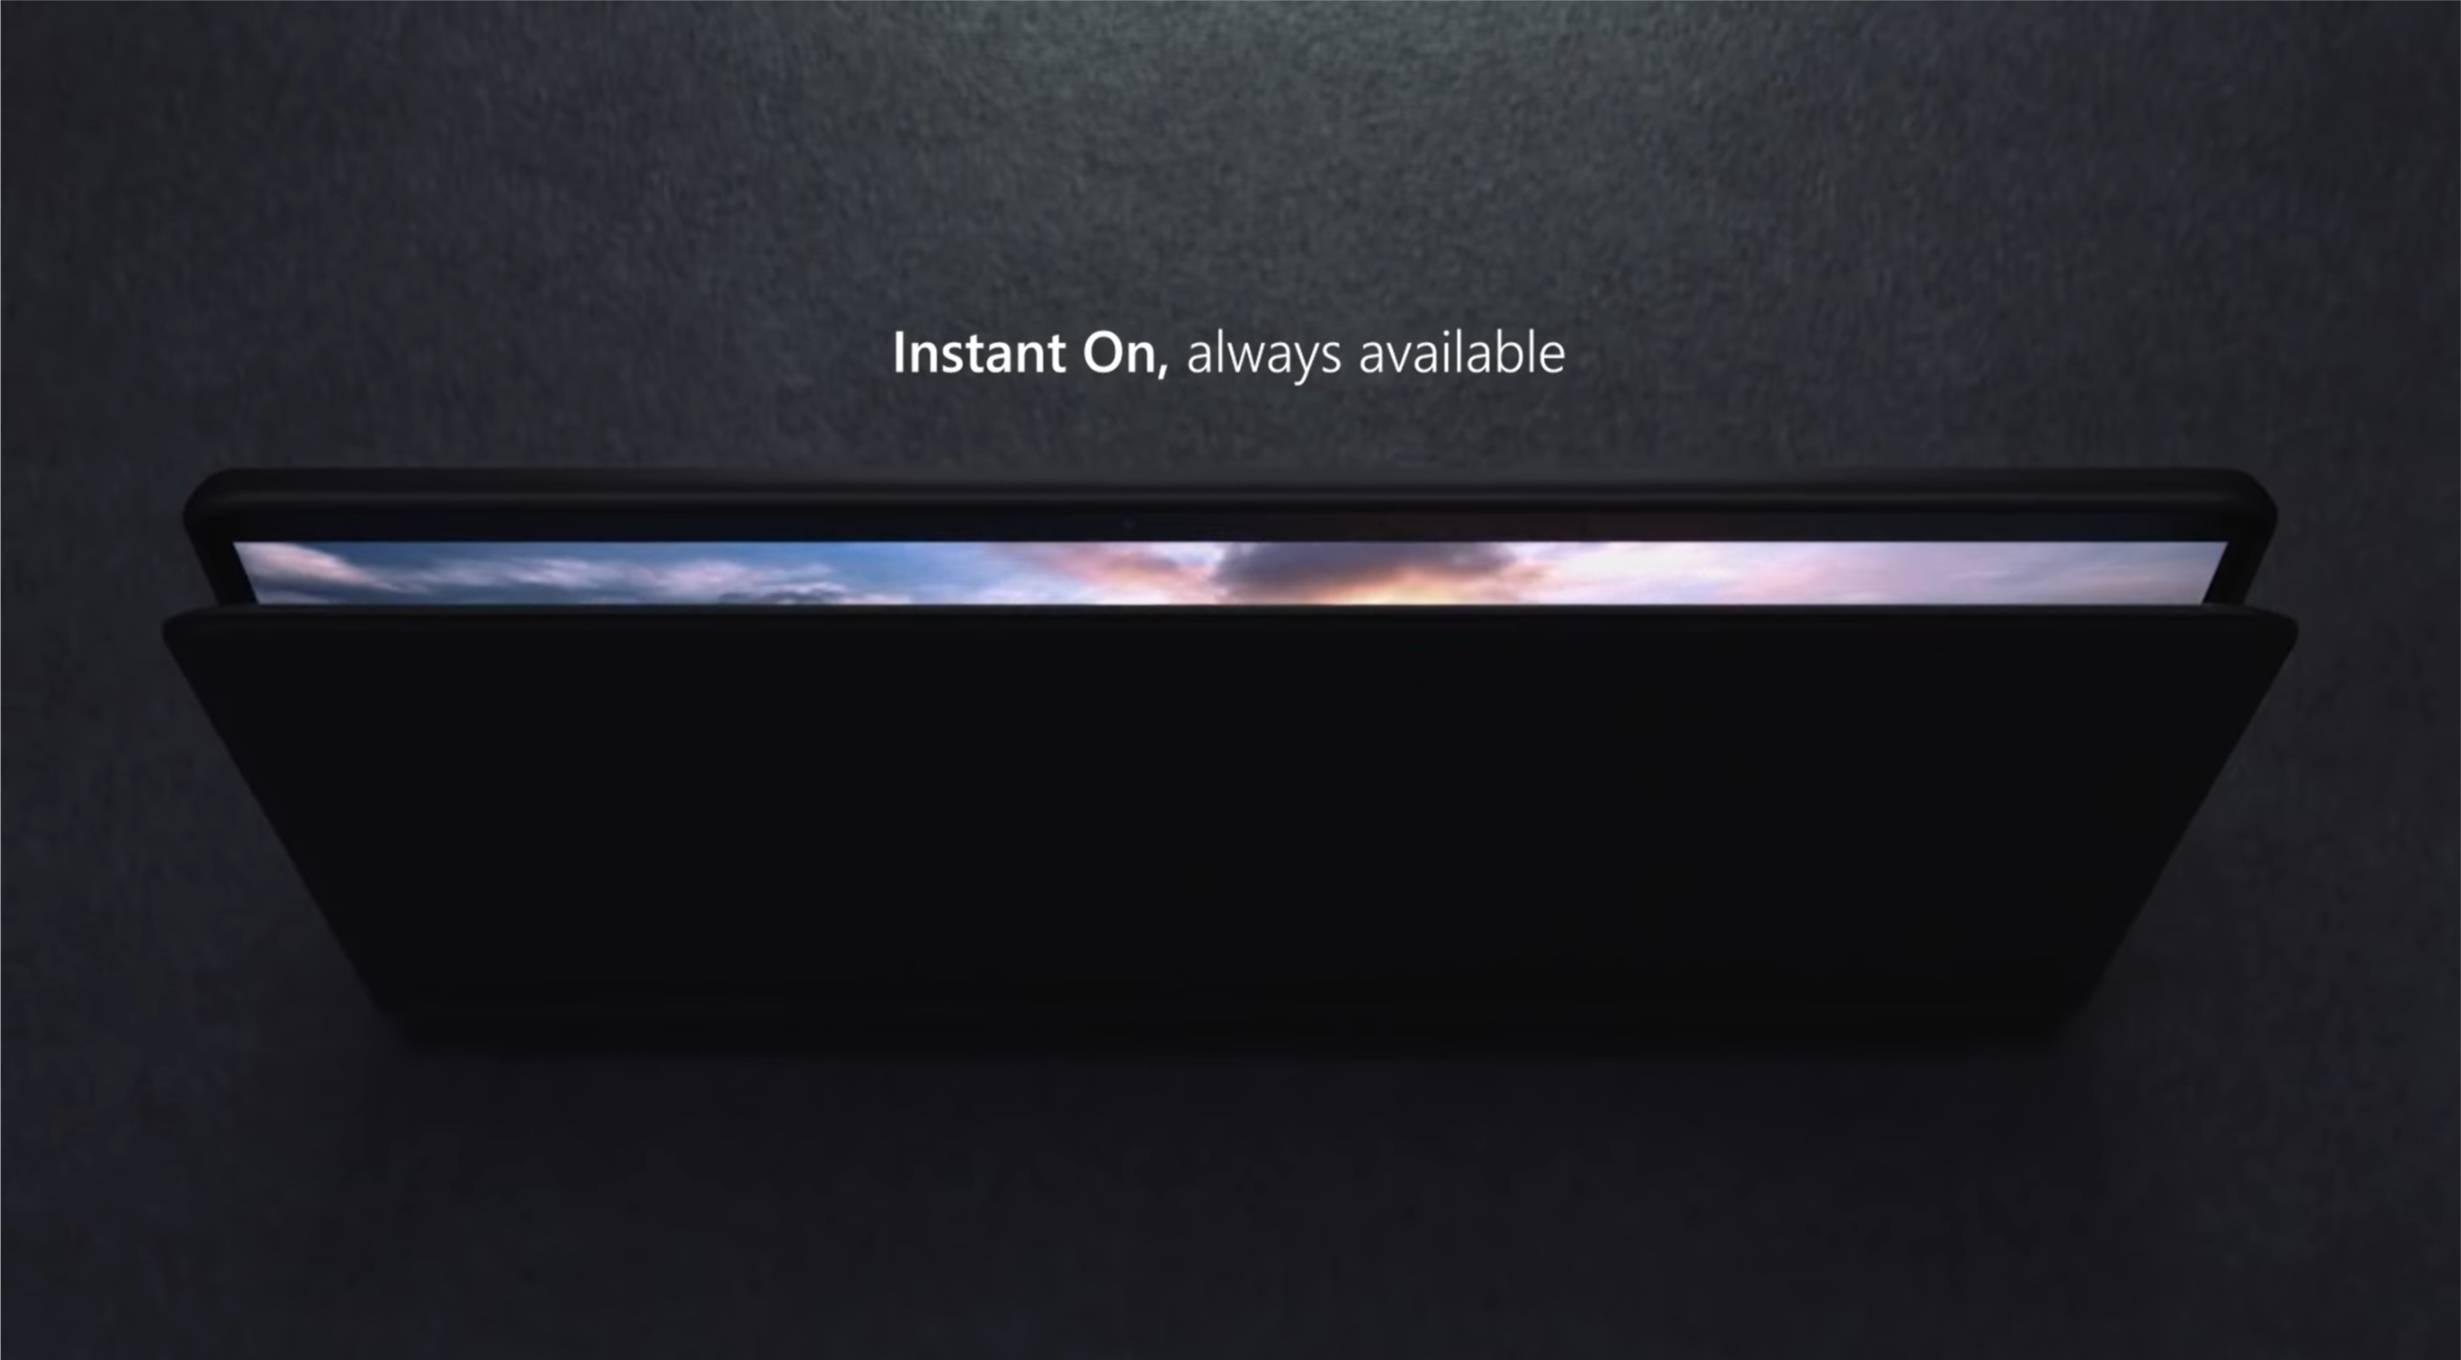 Frangmento del vídeo de Surface Pro X en el que se anuncia Instant On